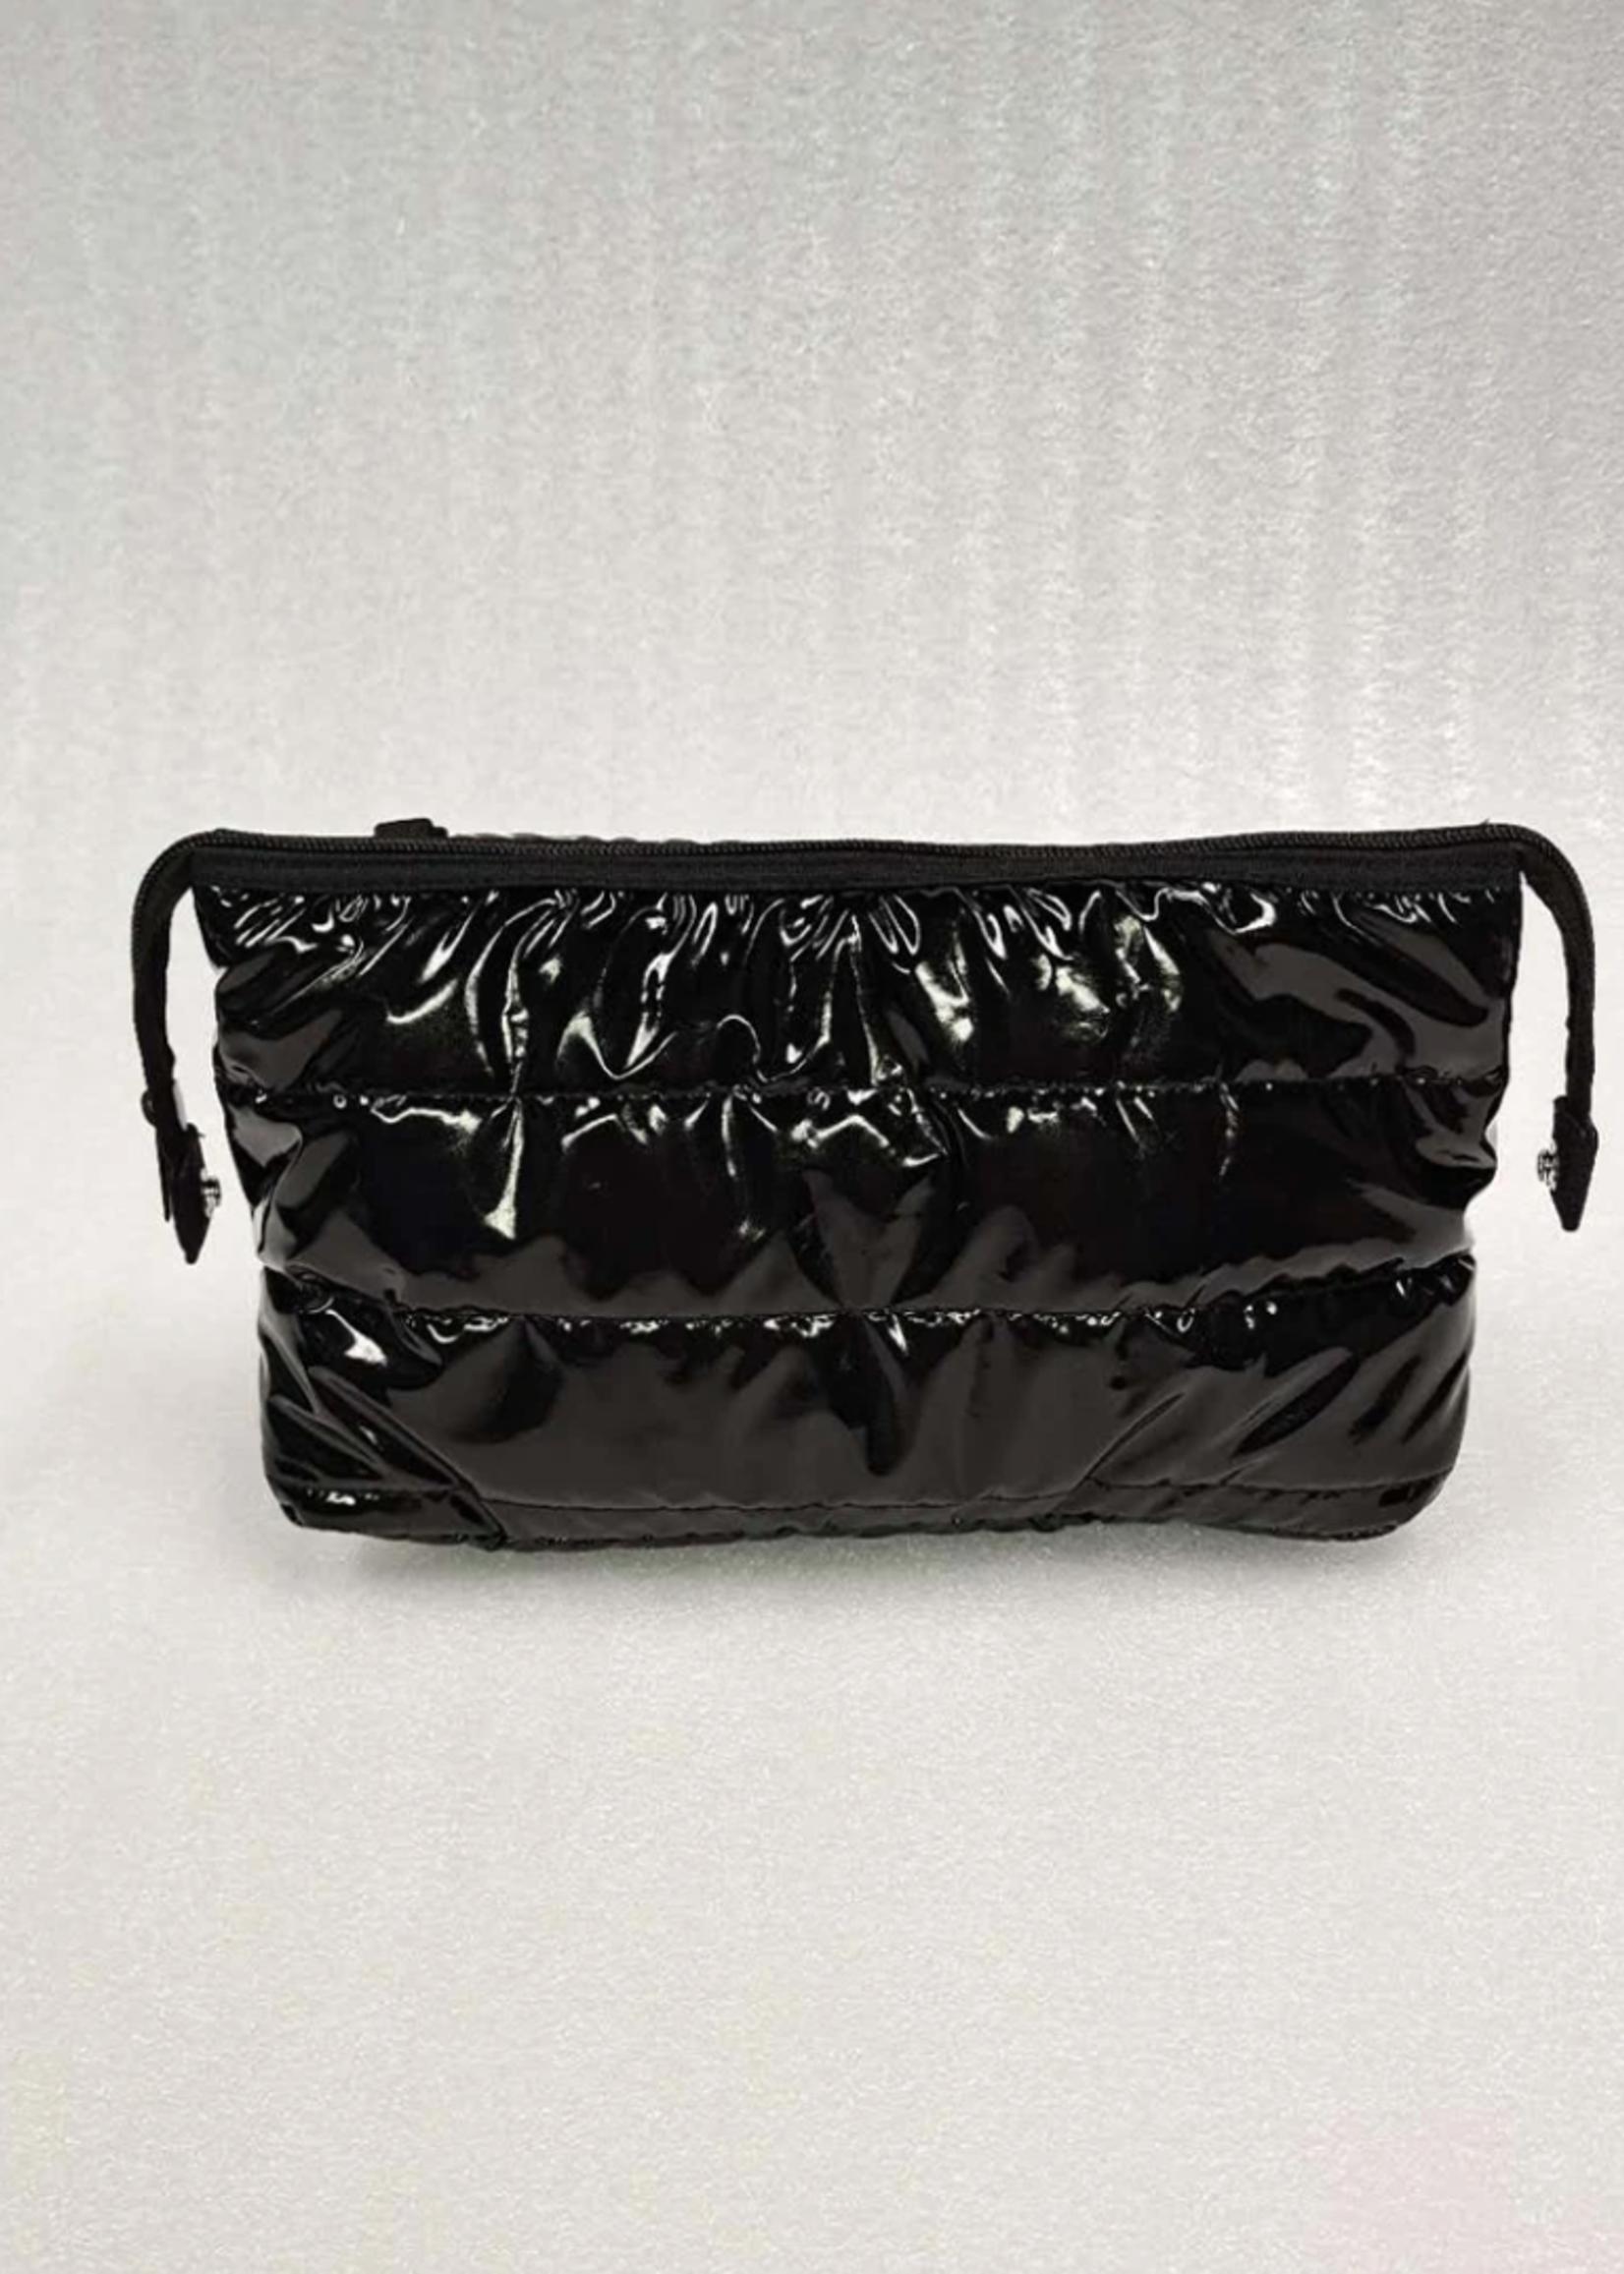 Kyle Travel Pouch Noir Black/Black Zip